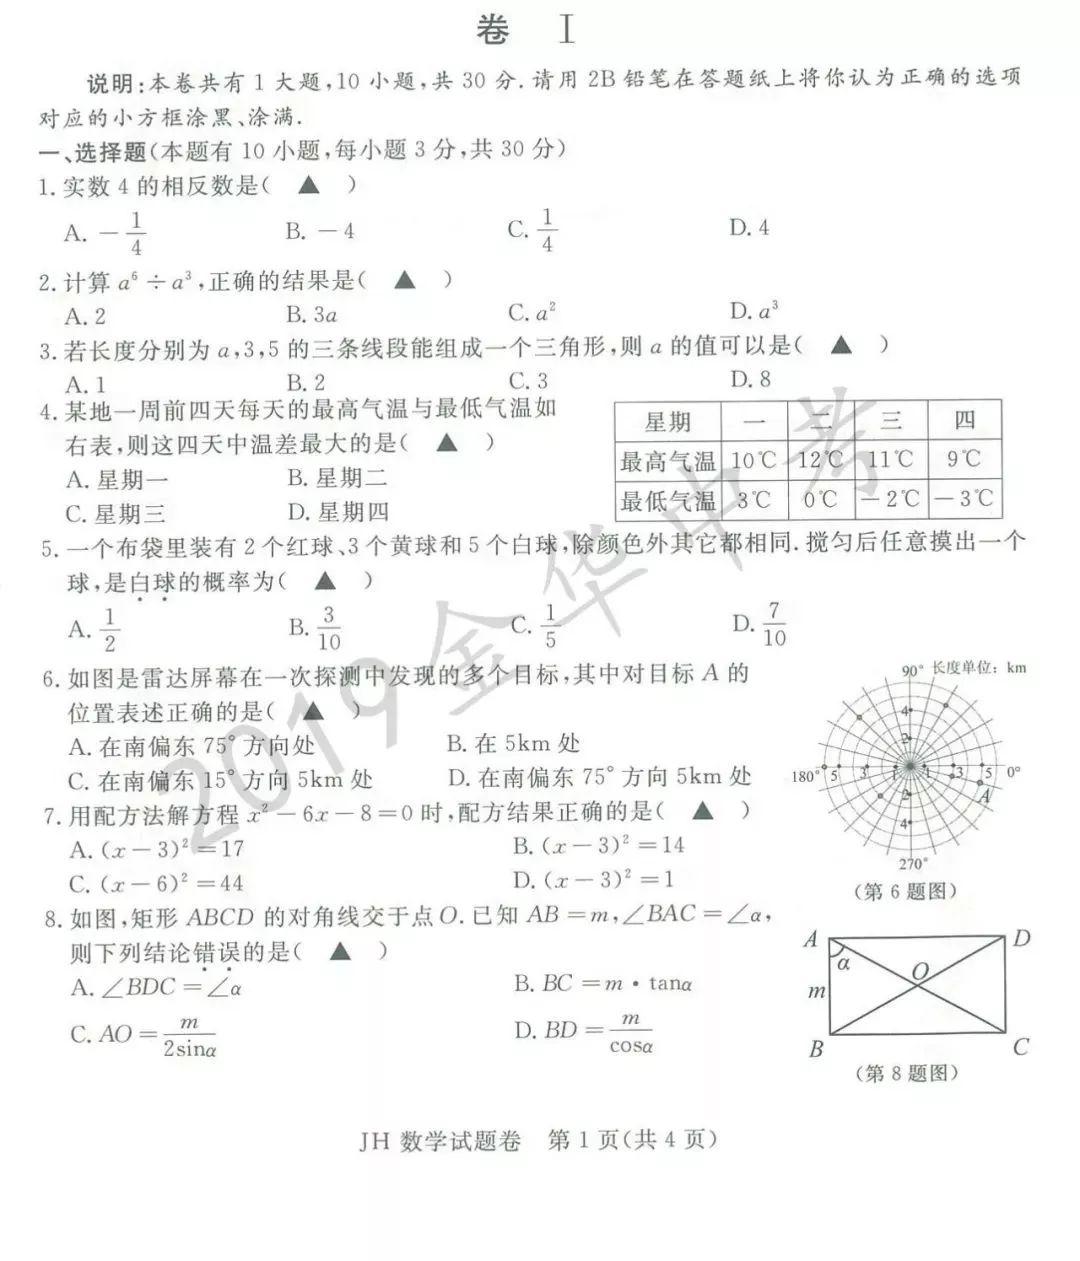 2019年浙江丽水中考数学真题及答案已公布